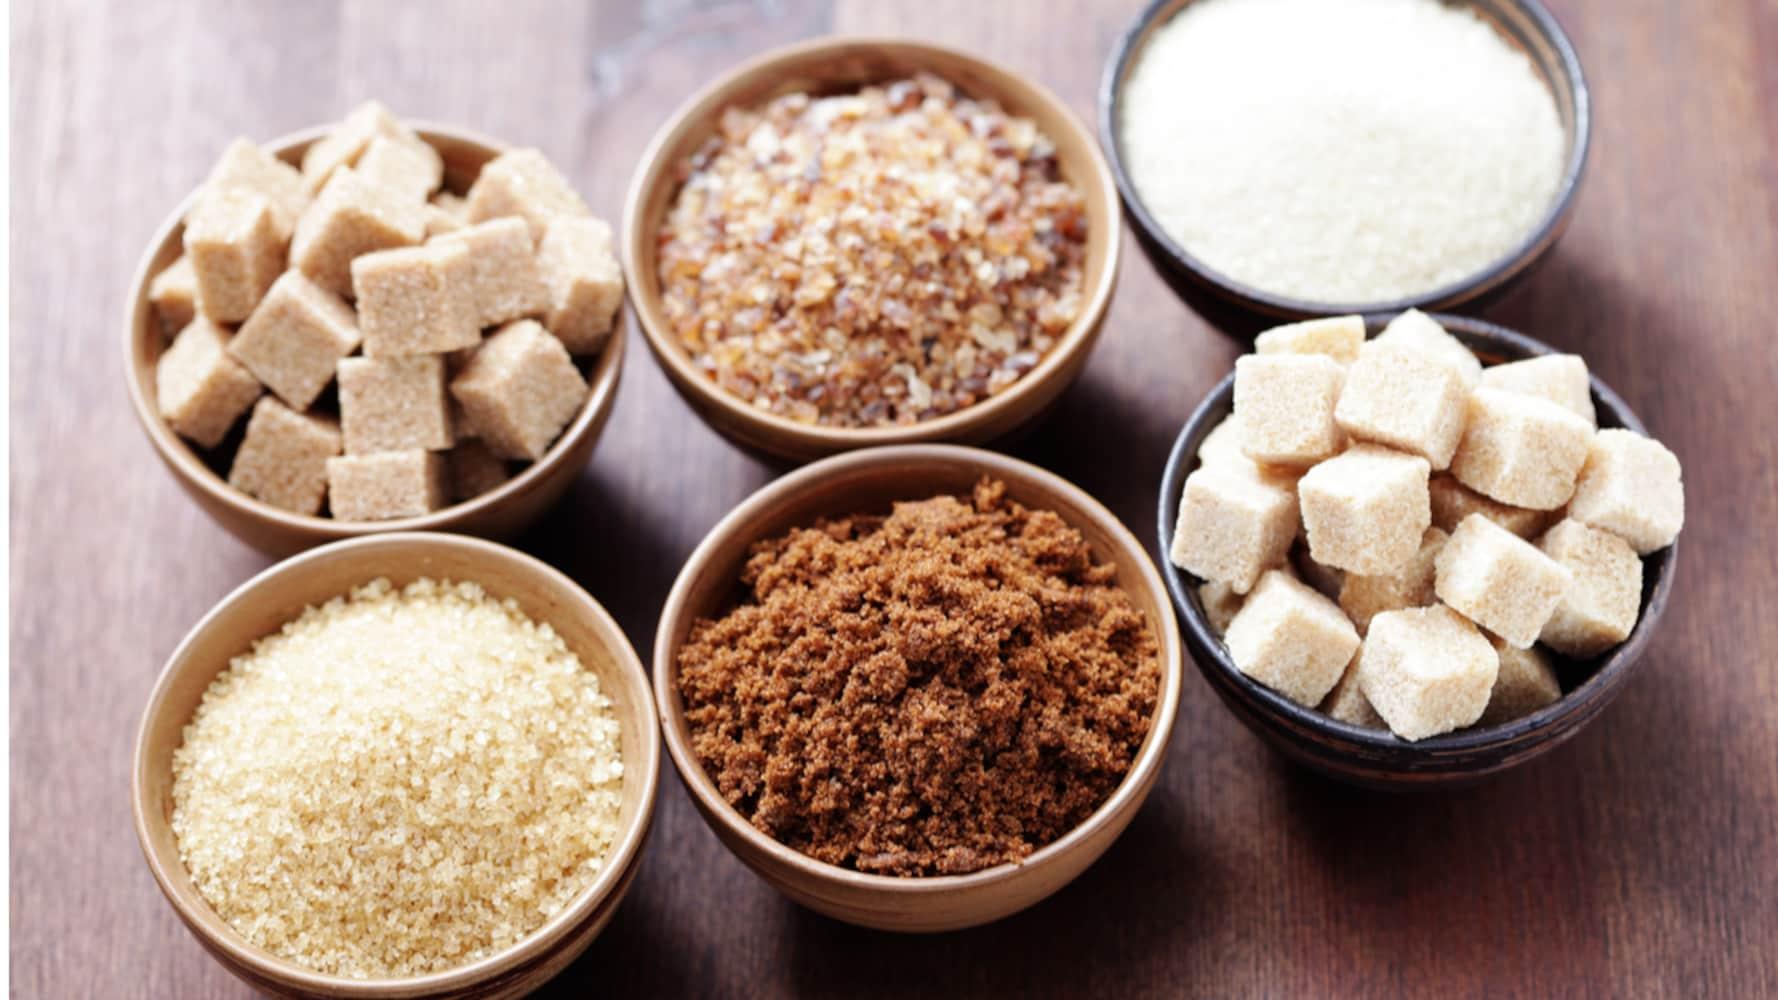 粒の粗さ|飲み物やお菓子には細かいもの、和食や下味には粗いものが◎